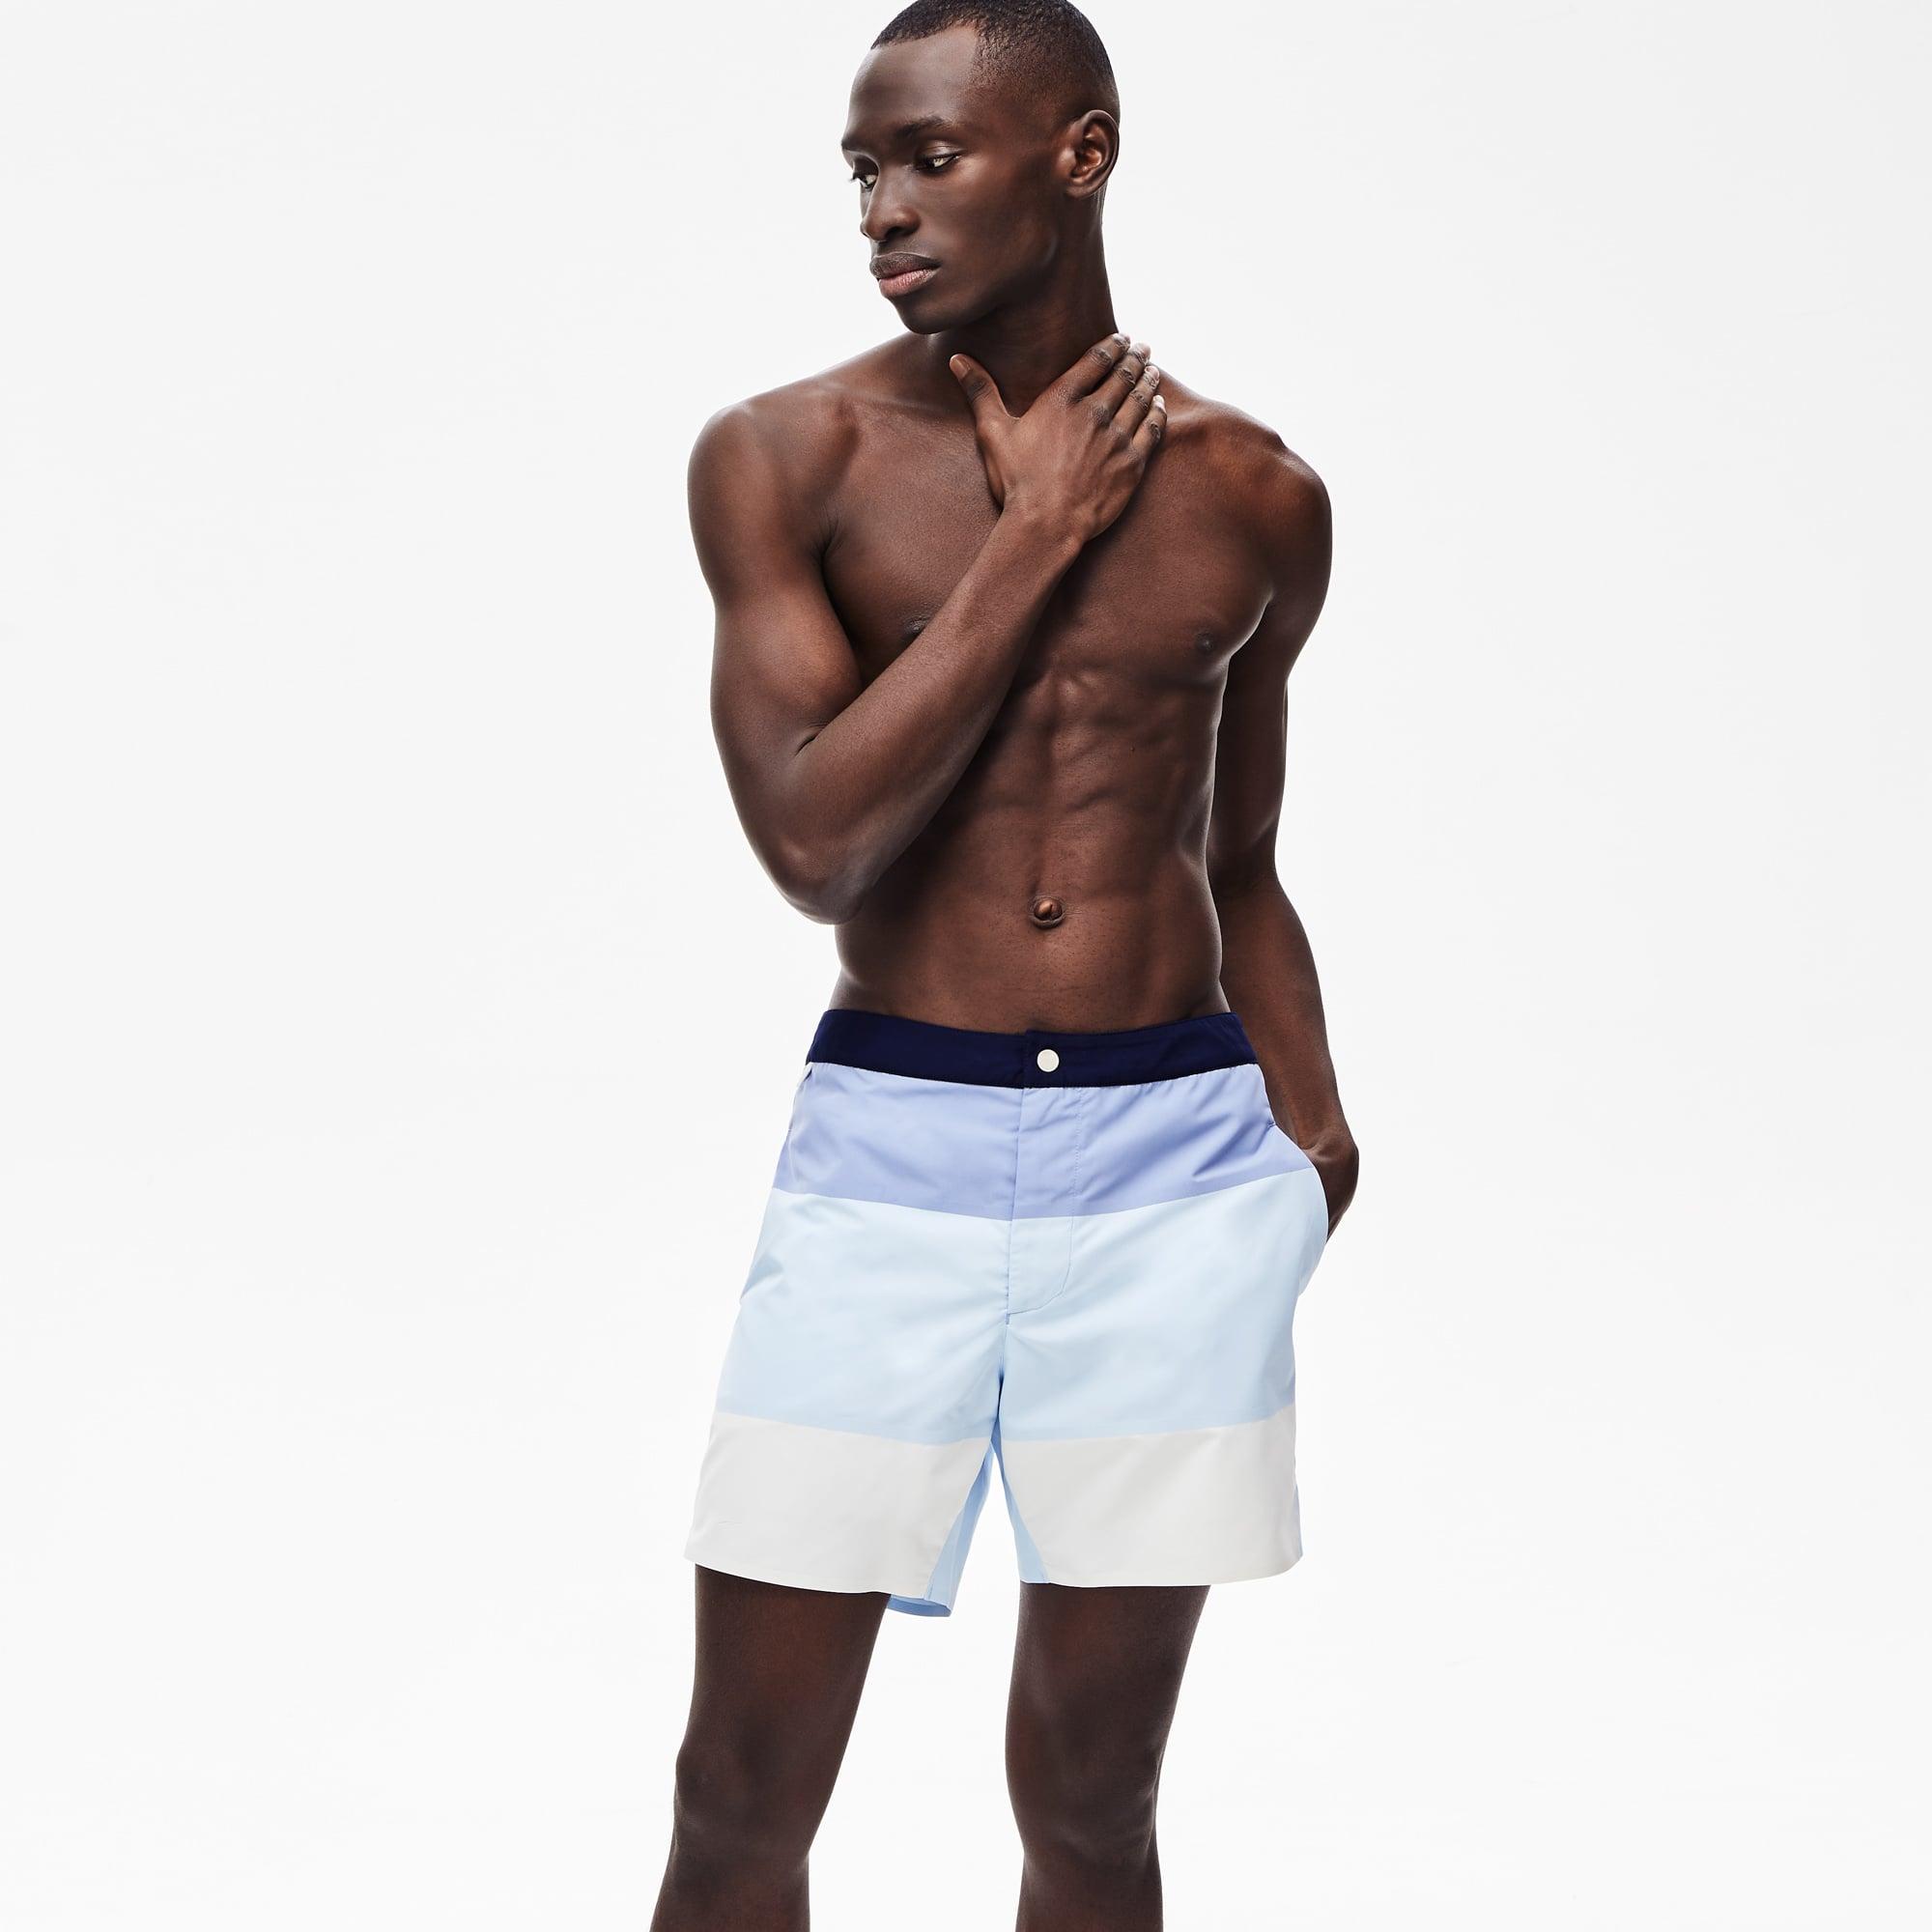 라코스테 스윔팬츠  Lacoste Mens Striped Colorblock Quick-Dry Swim Shorts